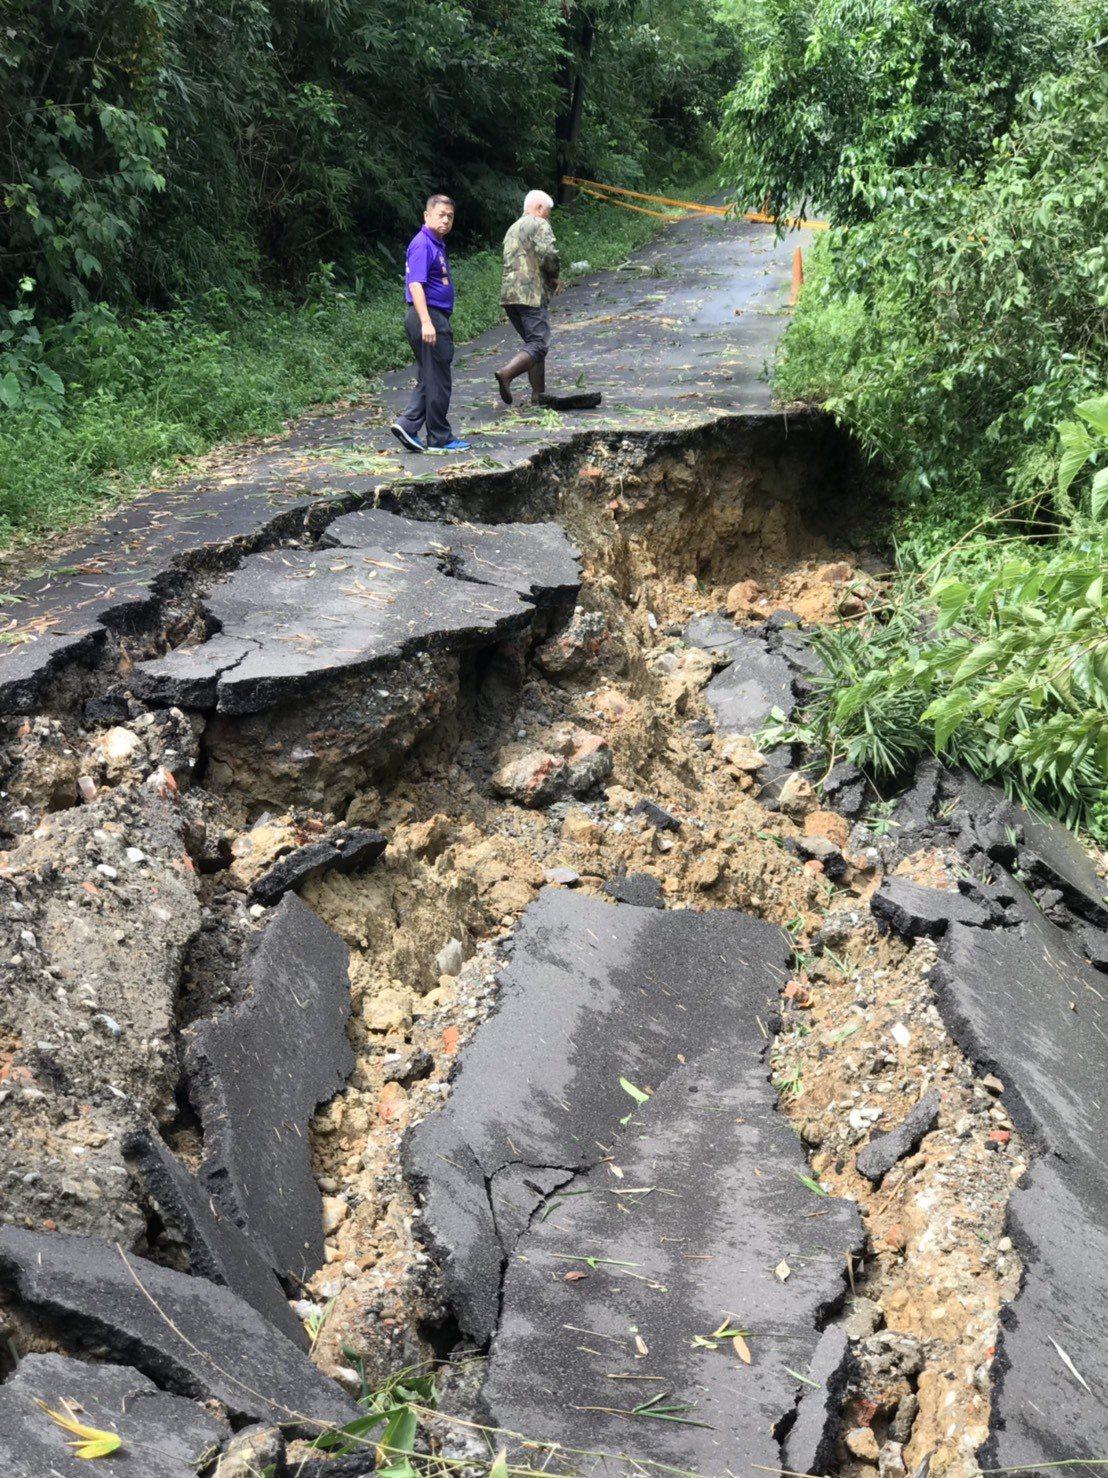 基隆華新一路產業道路柔腸寸斷 坍百公尺長困7住戶